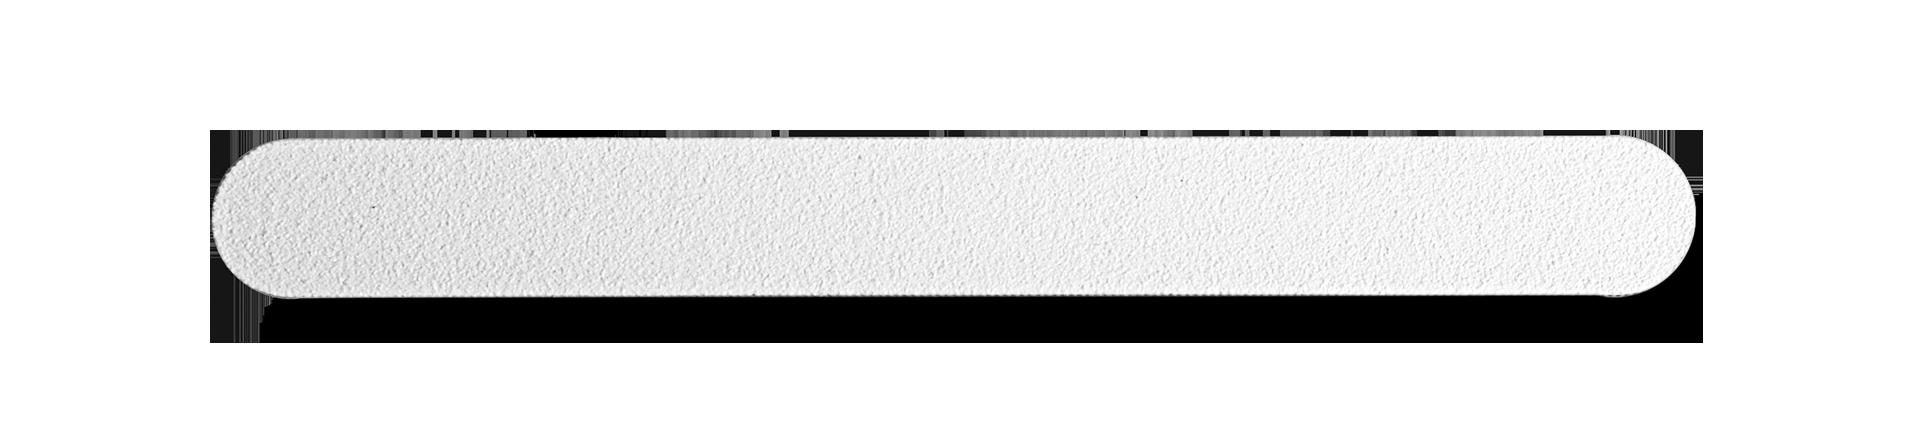 Wood Center - White Sand  07041 - Extra Coarse 80/80 07042 - Extra Coarse 80/100 07043 - Coarse 100/100 07044 - Fine 180/180